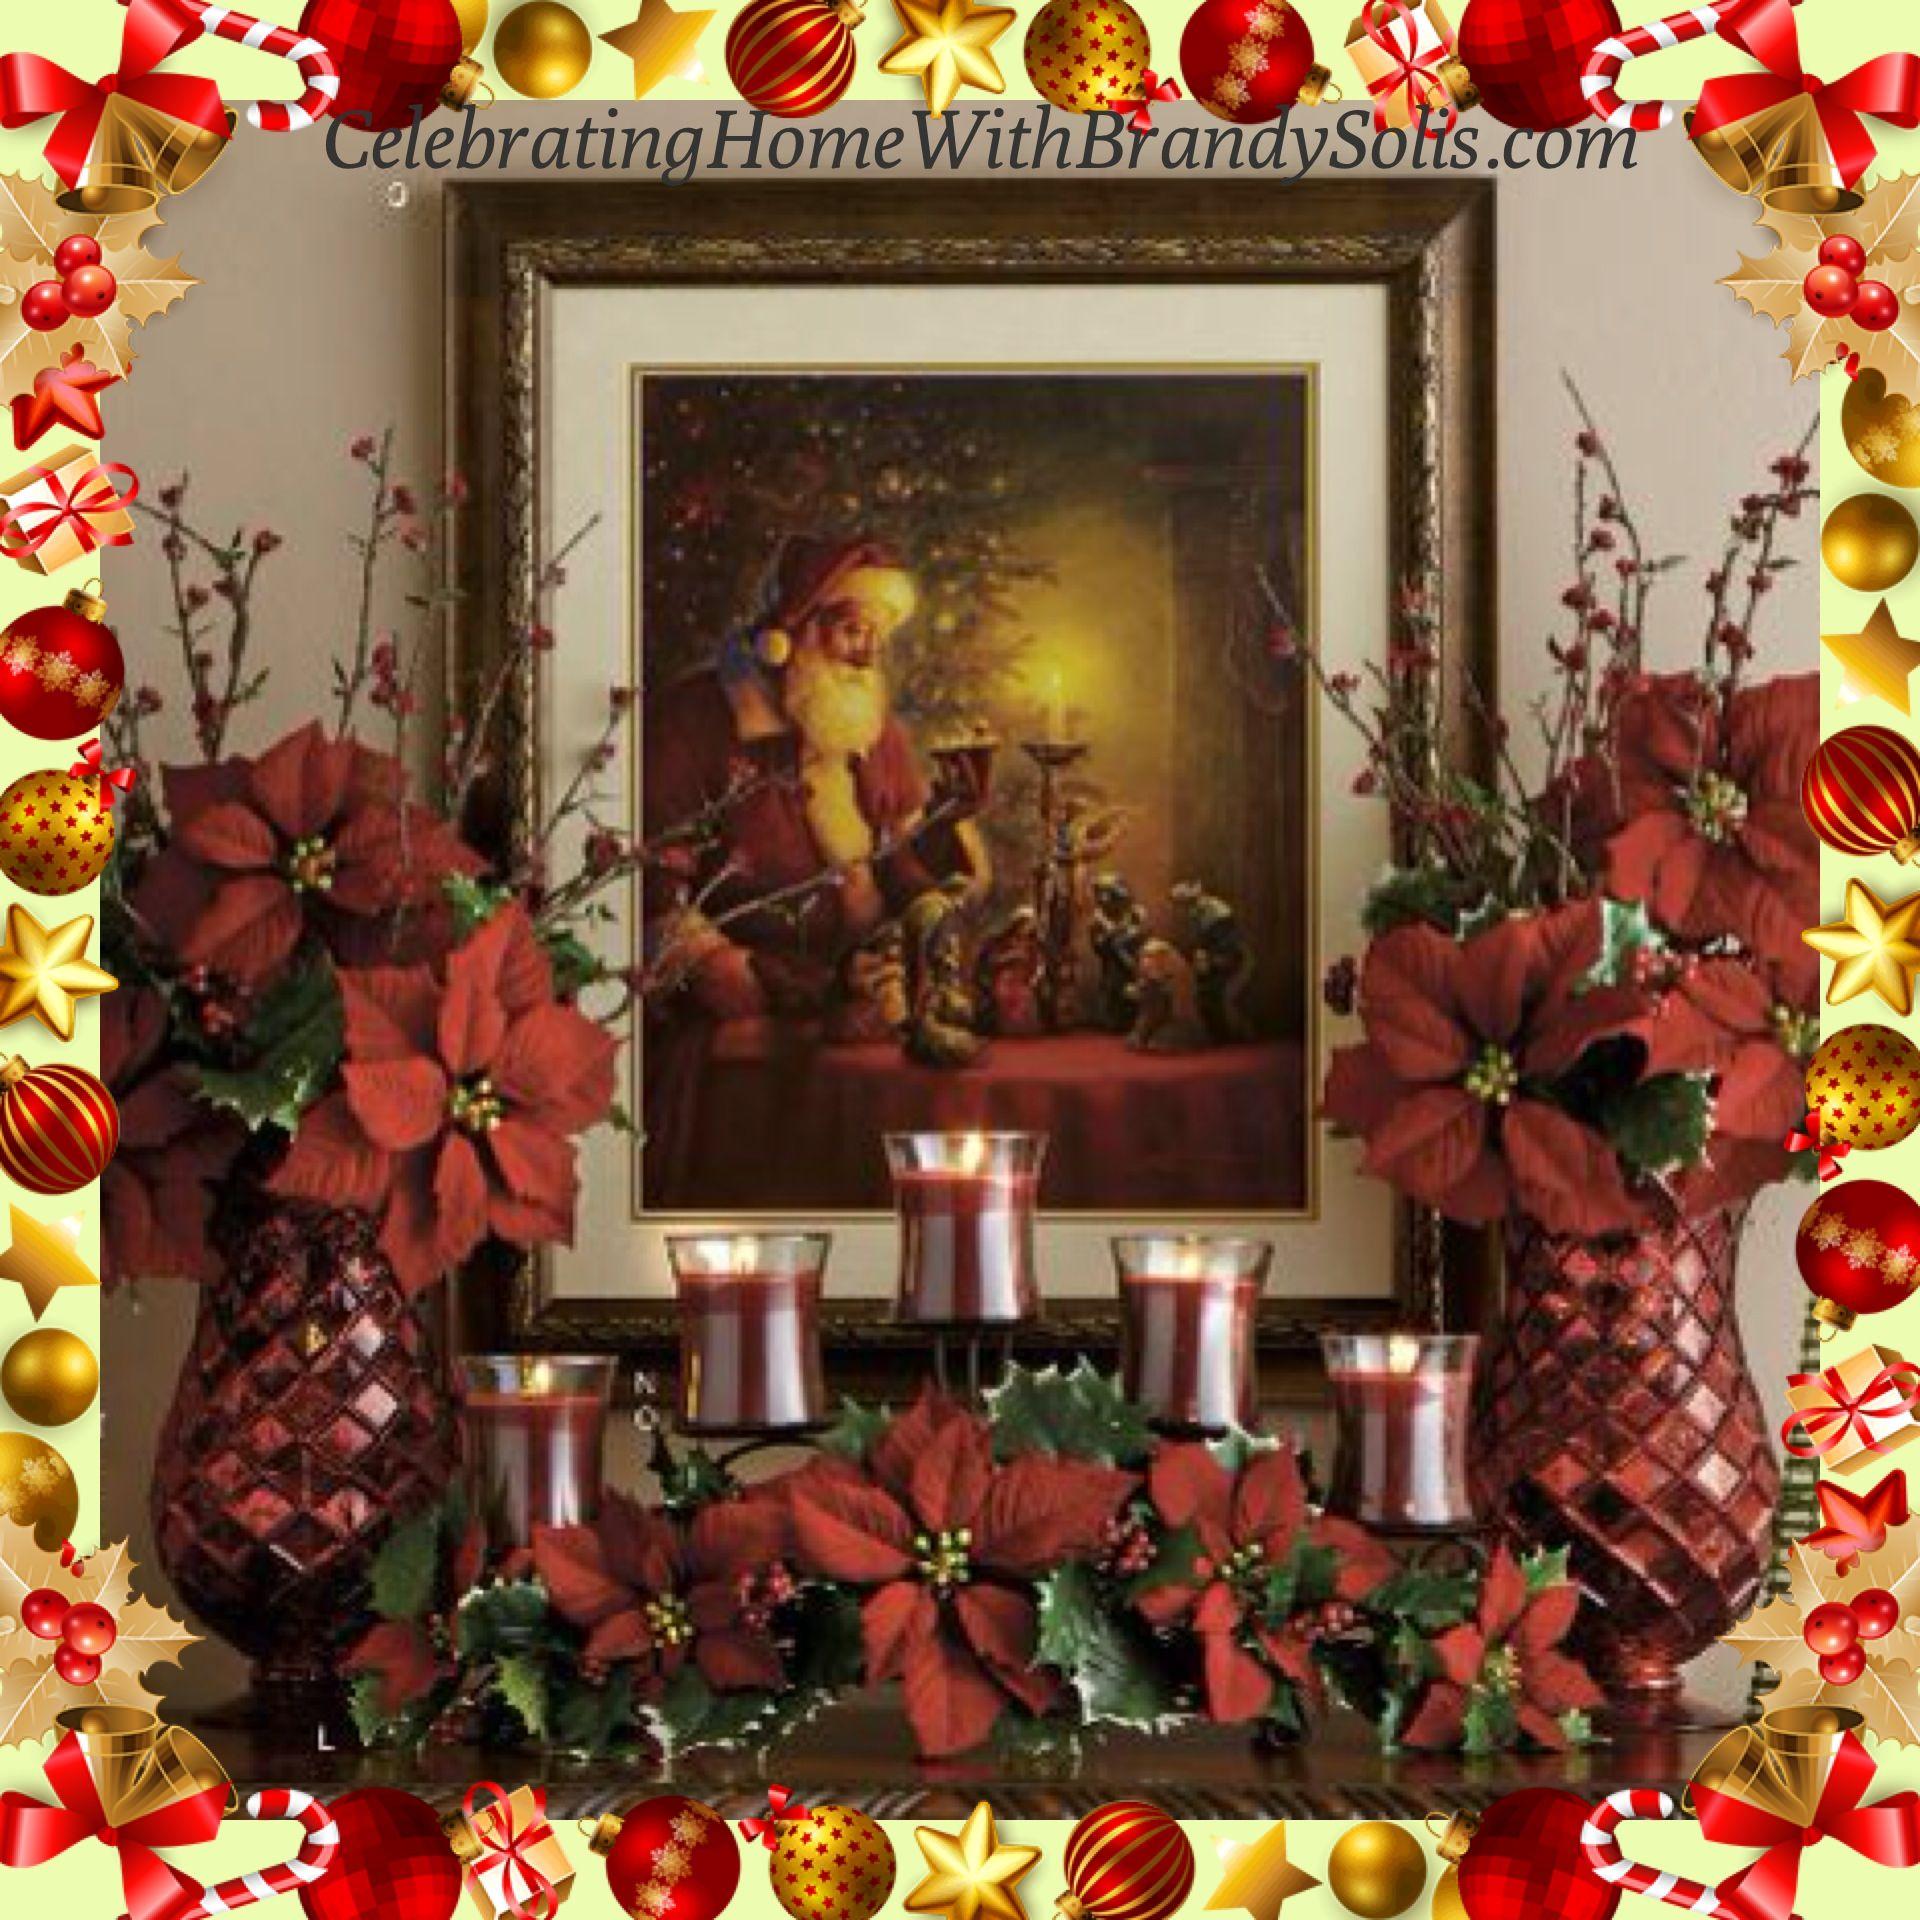 Christmas 2013 Christmas home, Holiday decor, Christmas